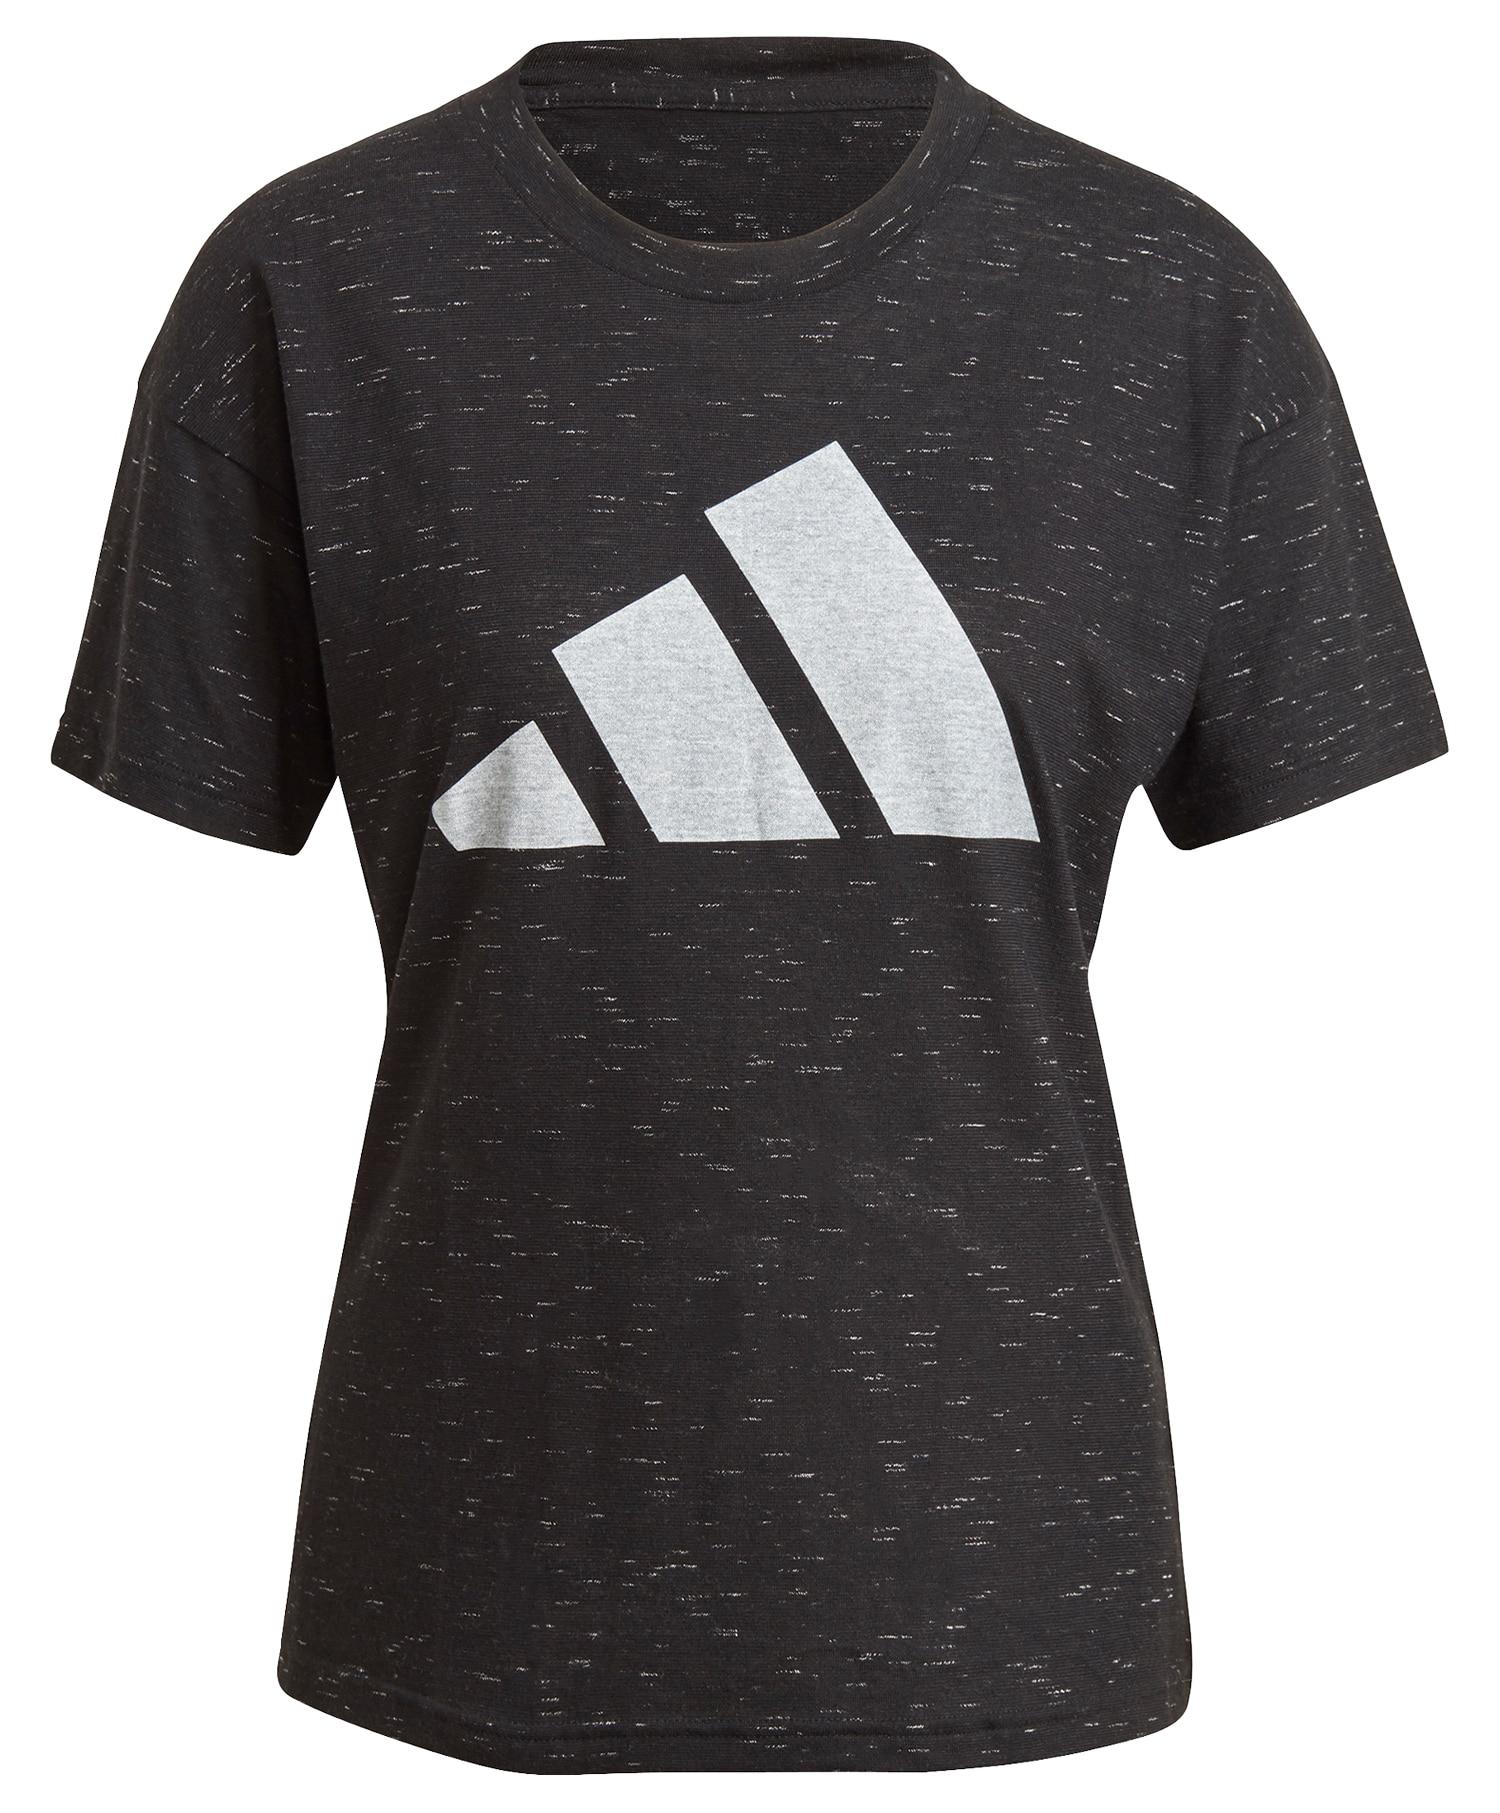 Adidas 2.0 tee